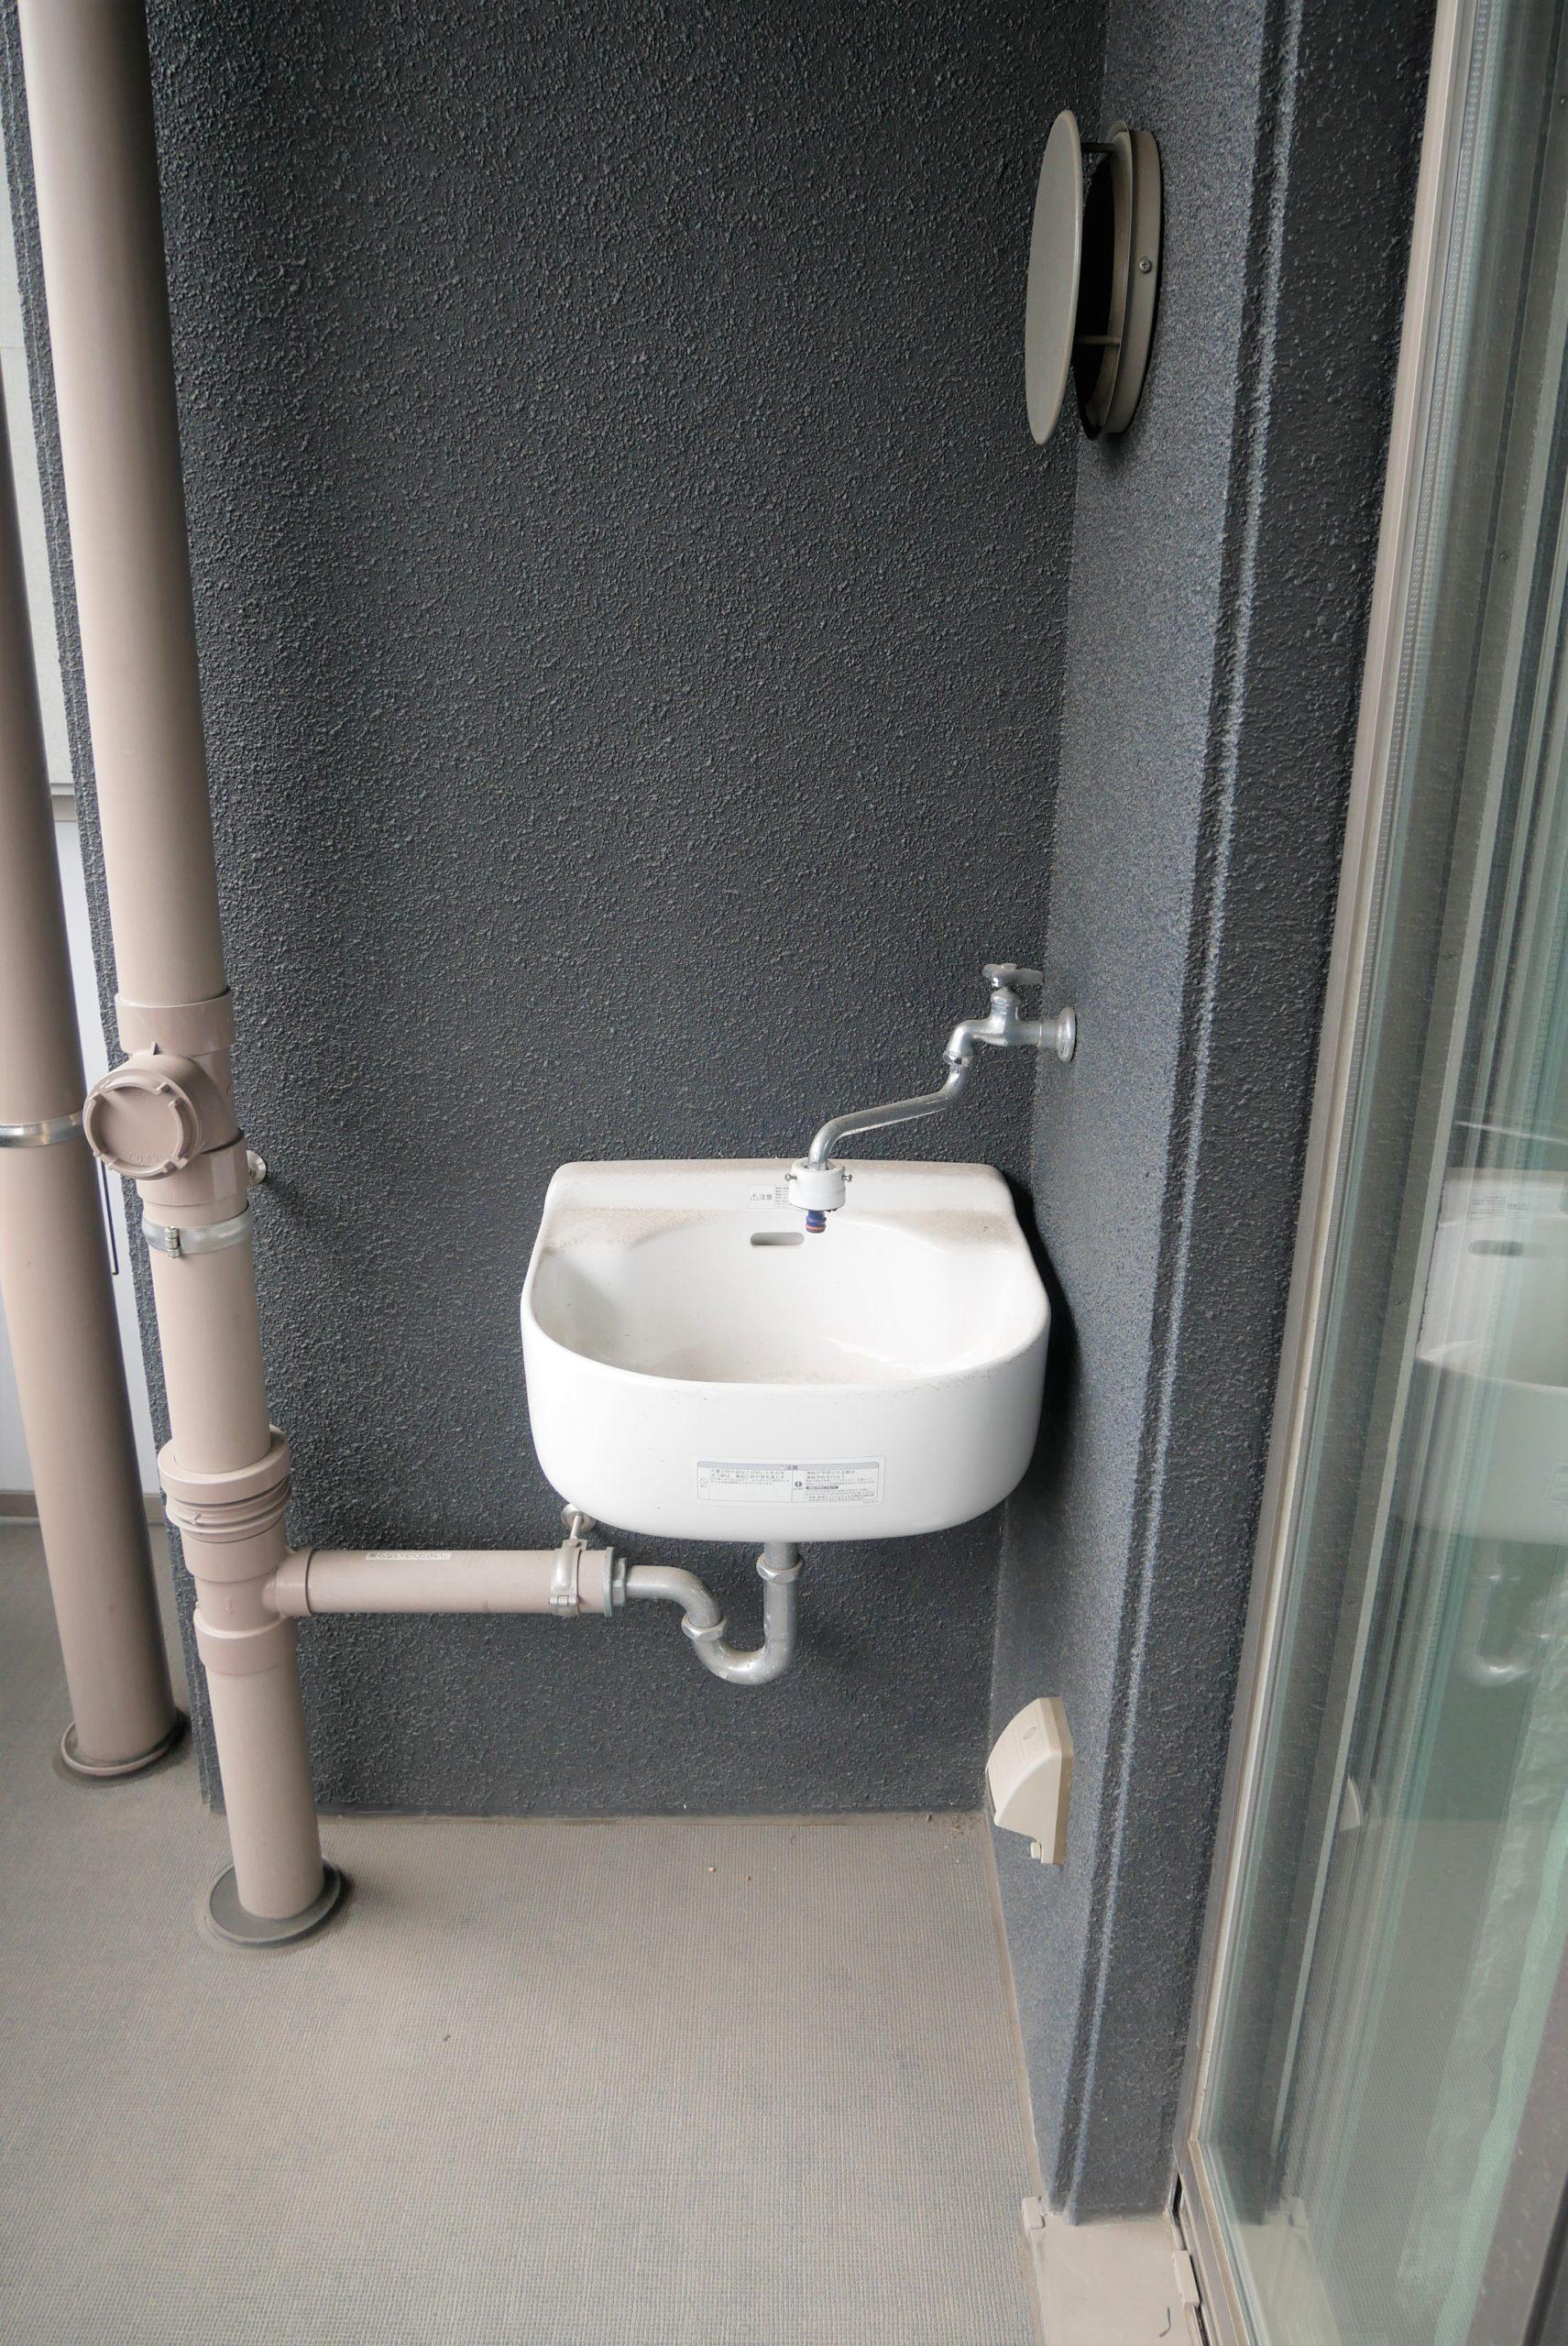 プラセシオン名古屋駅ファースト 503号室